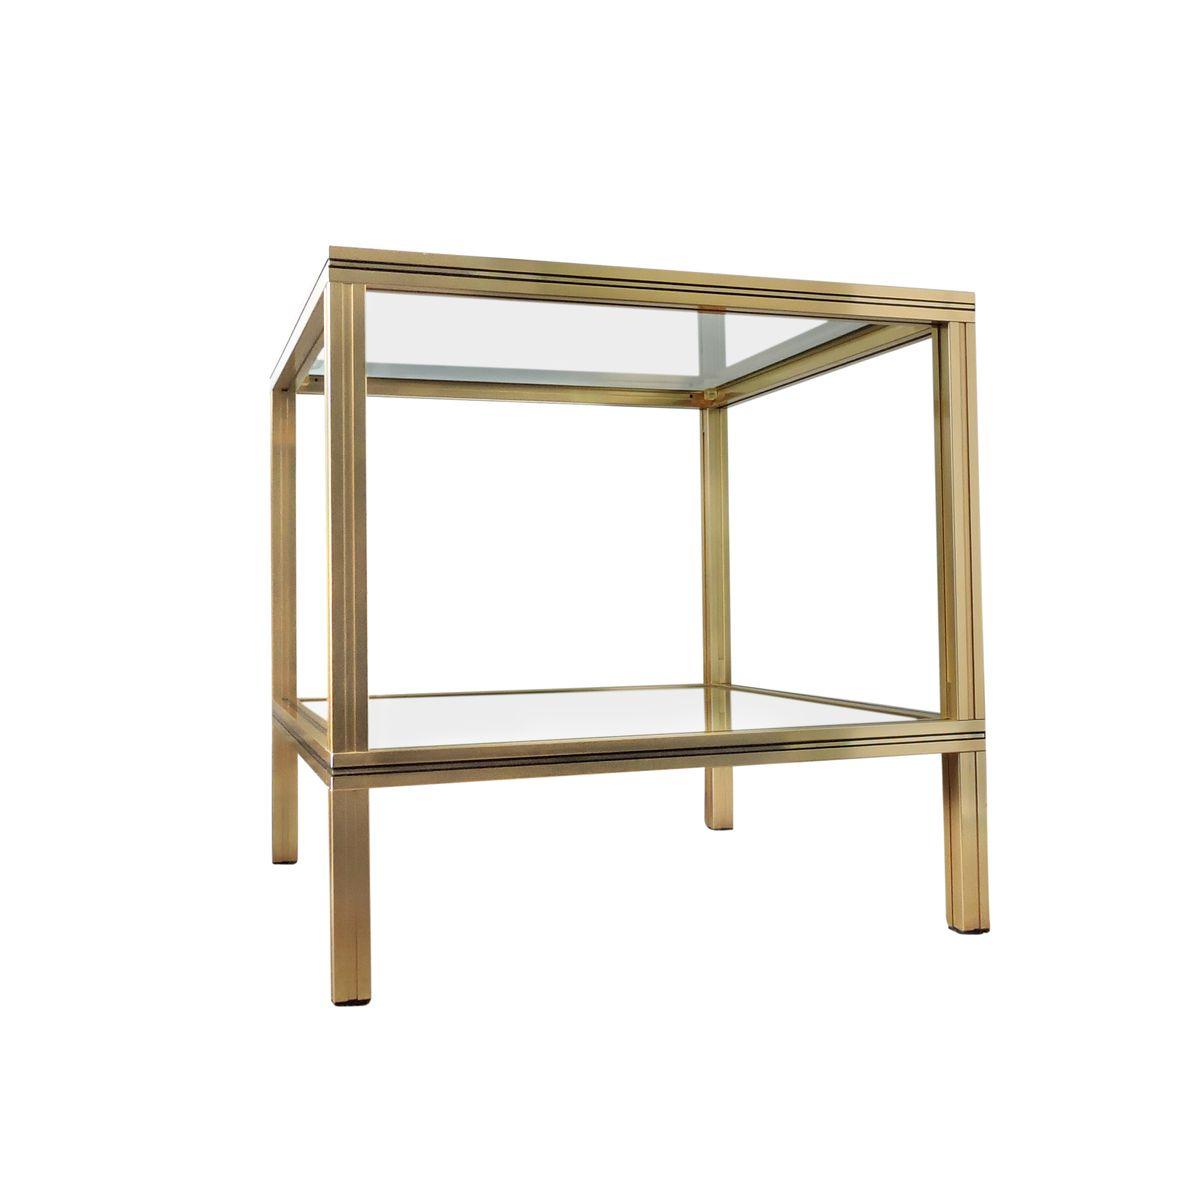 quadratischer beistelltisch aus messing und glas von pierre vandel 1970er bei pamono kaufen. Black Bedroom Furniture Sets. Home Design Ideas